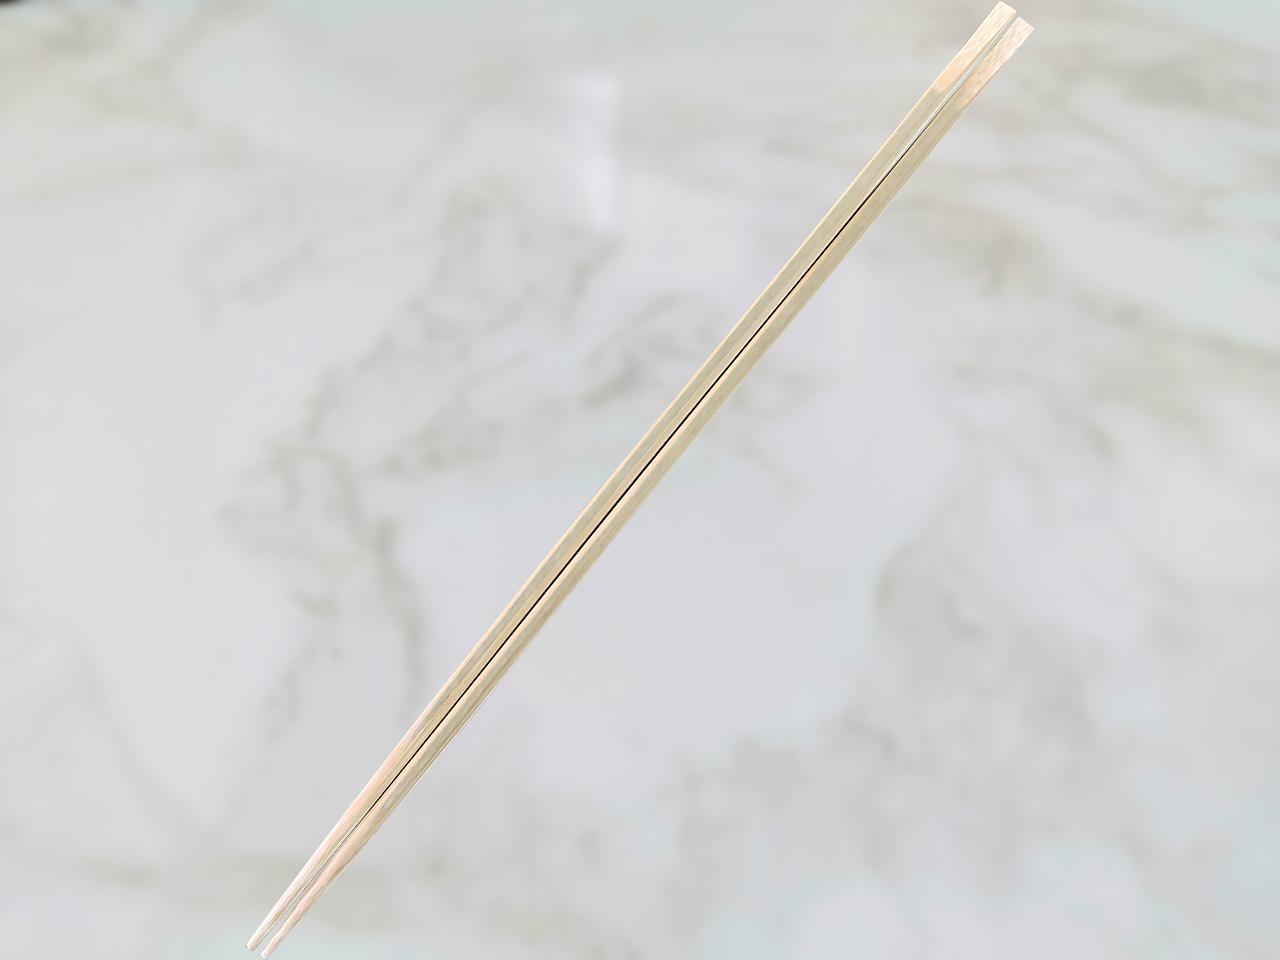 竹製 「天削青竹盛箸 33cm」 ポストIN発送対応商品